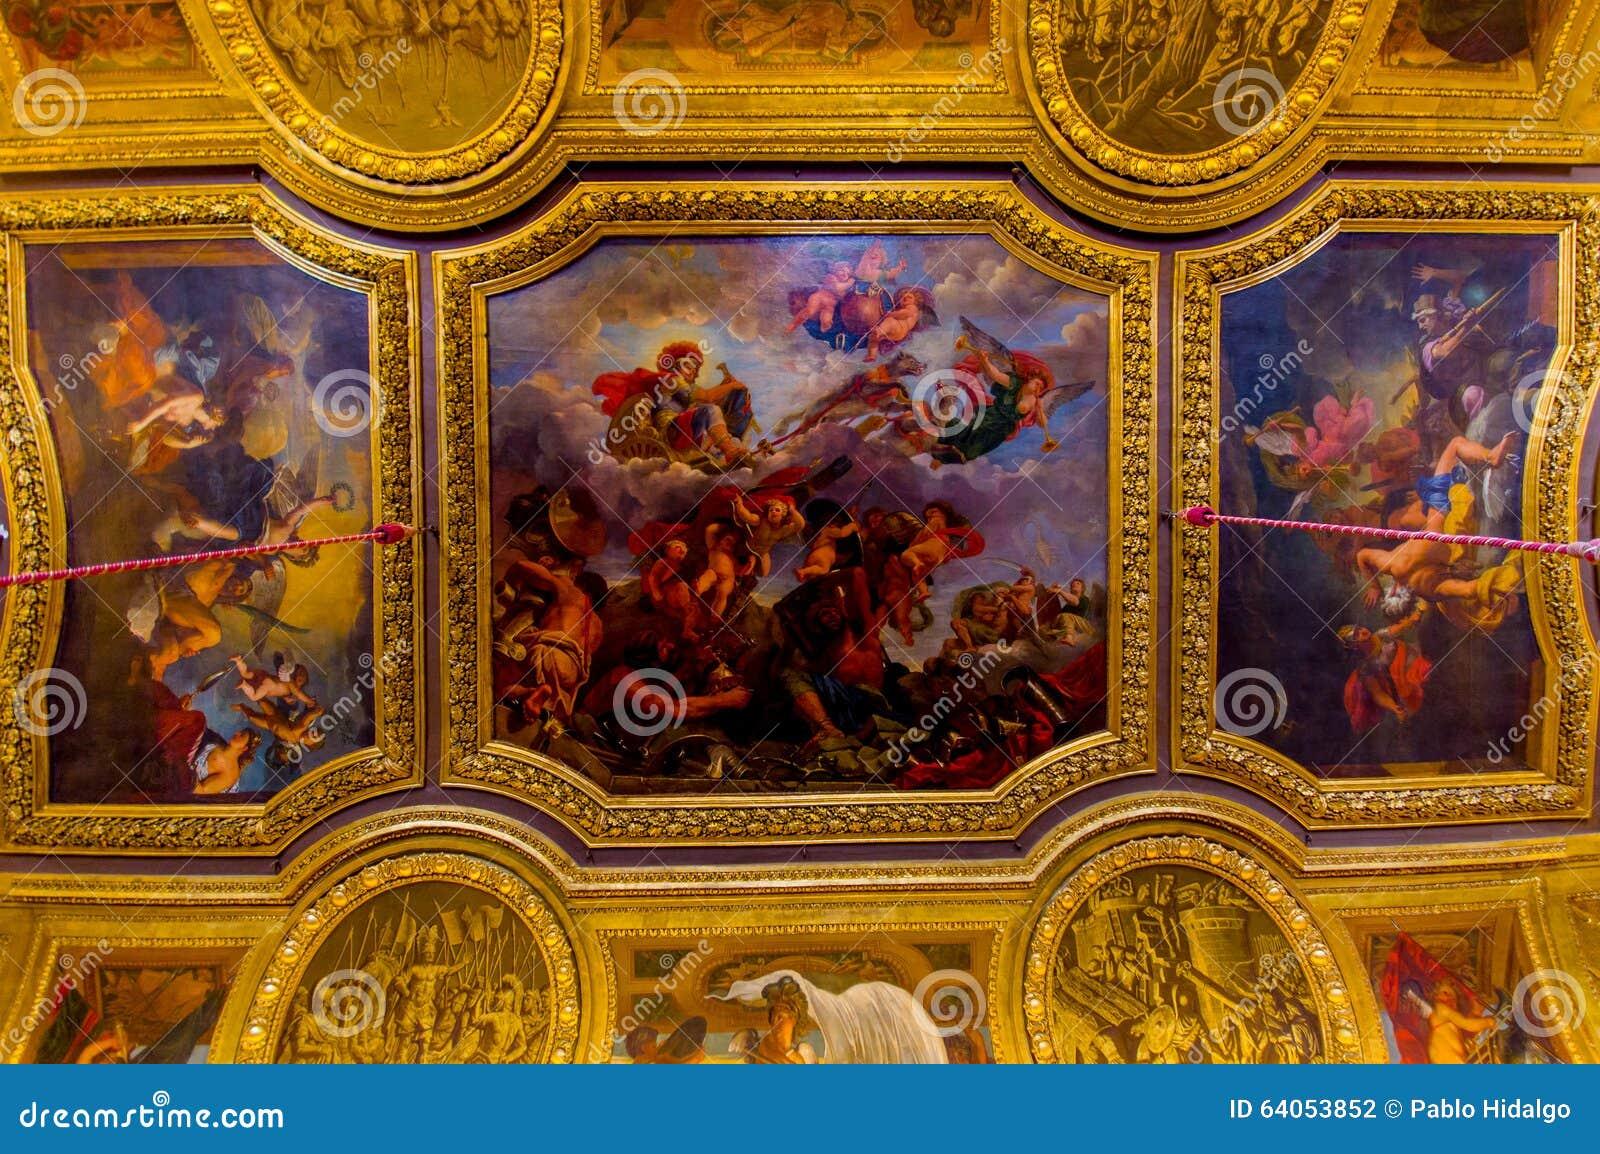 Salon de mercure palace of versailles paris editorial for Salon ce paris